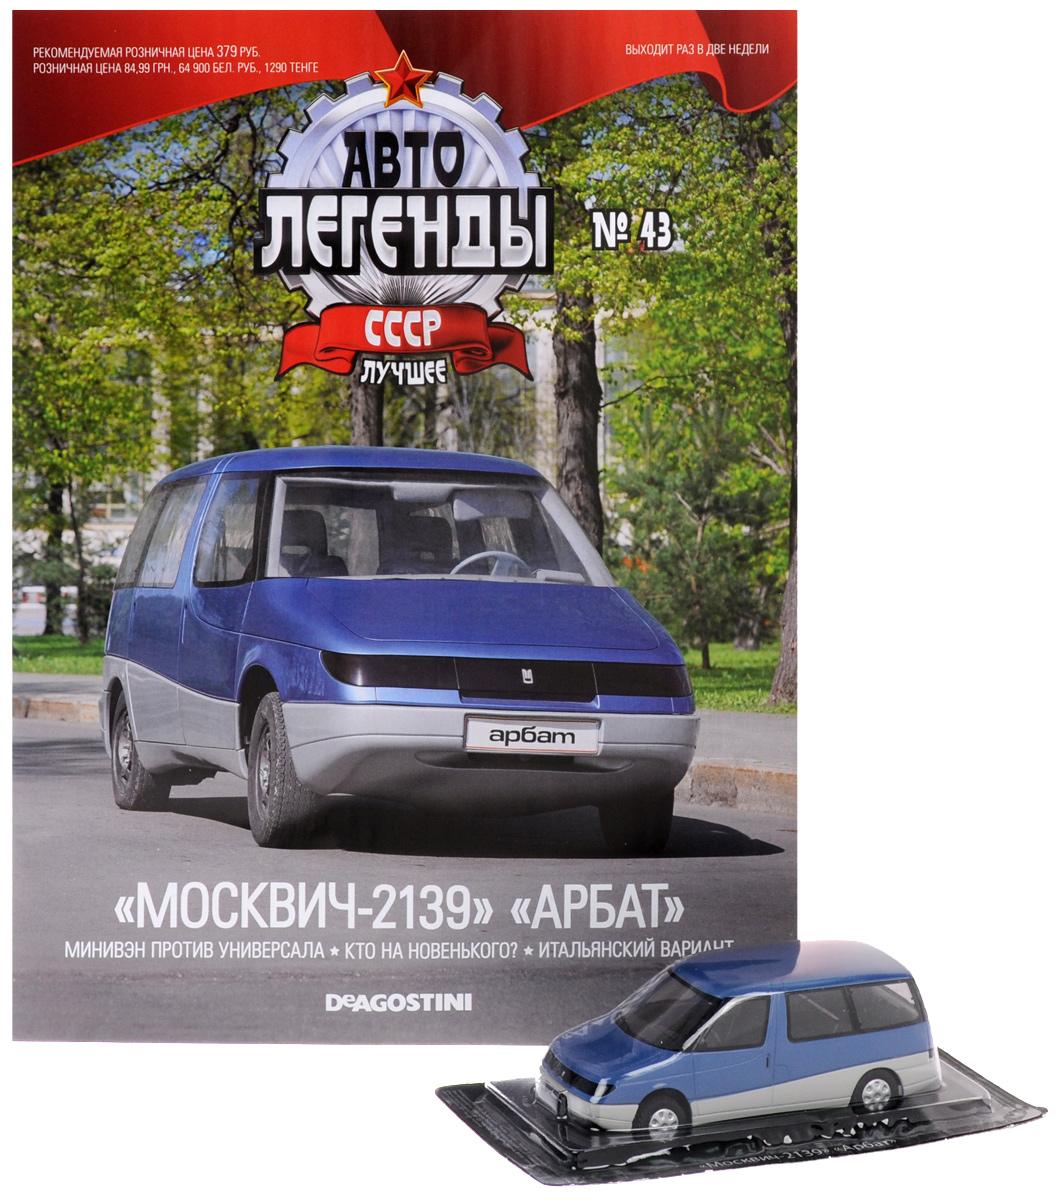 Журнал Авто легенды СССР №43RCRL043В данной серии вы познакомитесь с историей советского автомобилестроения, узнаете, как создавались отечественные машины. Многих героев издания теперь можно встретить только в музеях. Другие, несмотря на почтенный возраст, до сих пор исправно служат своим хозяевам. В журнале вы узнаете, как советские конструкторы создавали автомобили, тщательно изучая опыт зарубежных коллег, воплощая их наиболее удачные находки в своих детищах. А особые ценители смогут ознакомиться с подробными техническими характеристиками и биографией отдельных моделей и их создателей. С каждым номером все читатели журнала Автолегенды СССР получают миниатюрный автомобиль. Маленькие, но удивительно точные копии с оригинала помогут вам открыть для себя увлекательный мир автомобилей в стиле ретро! В данный номер вошла модель автомобиля Москвич-2139 Арбат. Размеры модели: 10 х 4 х 3,5 см. Категория 16+.